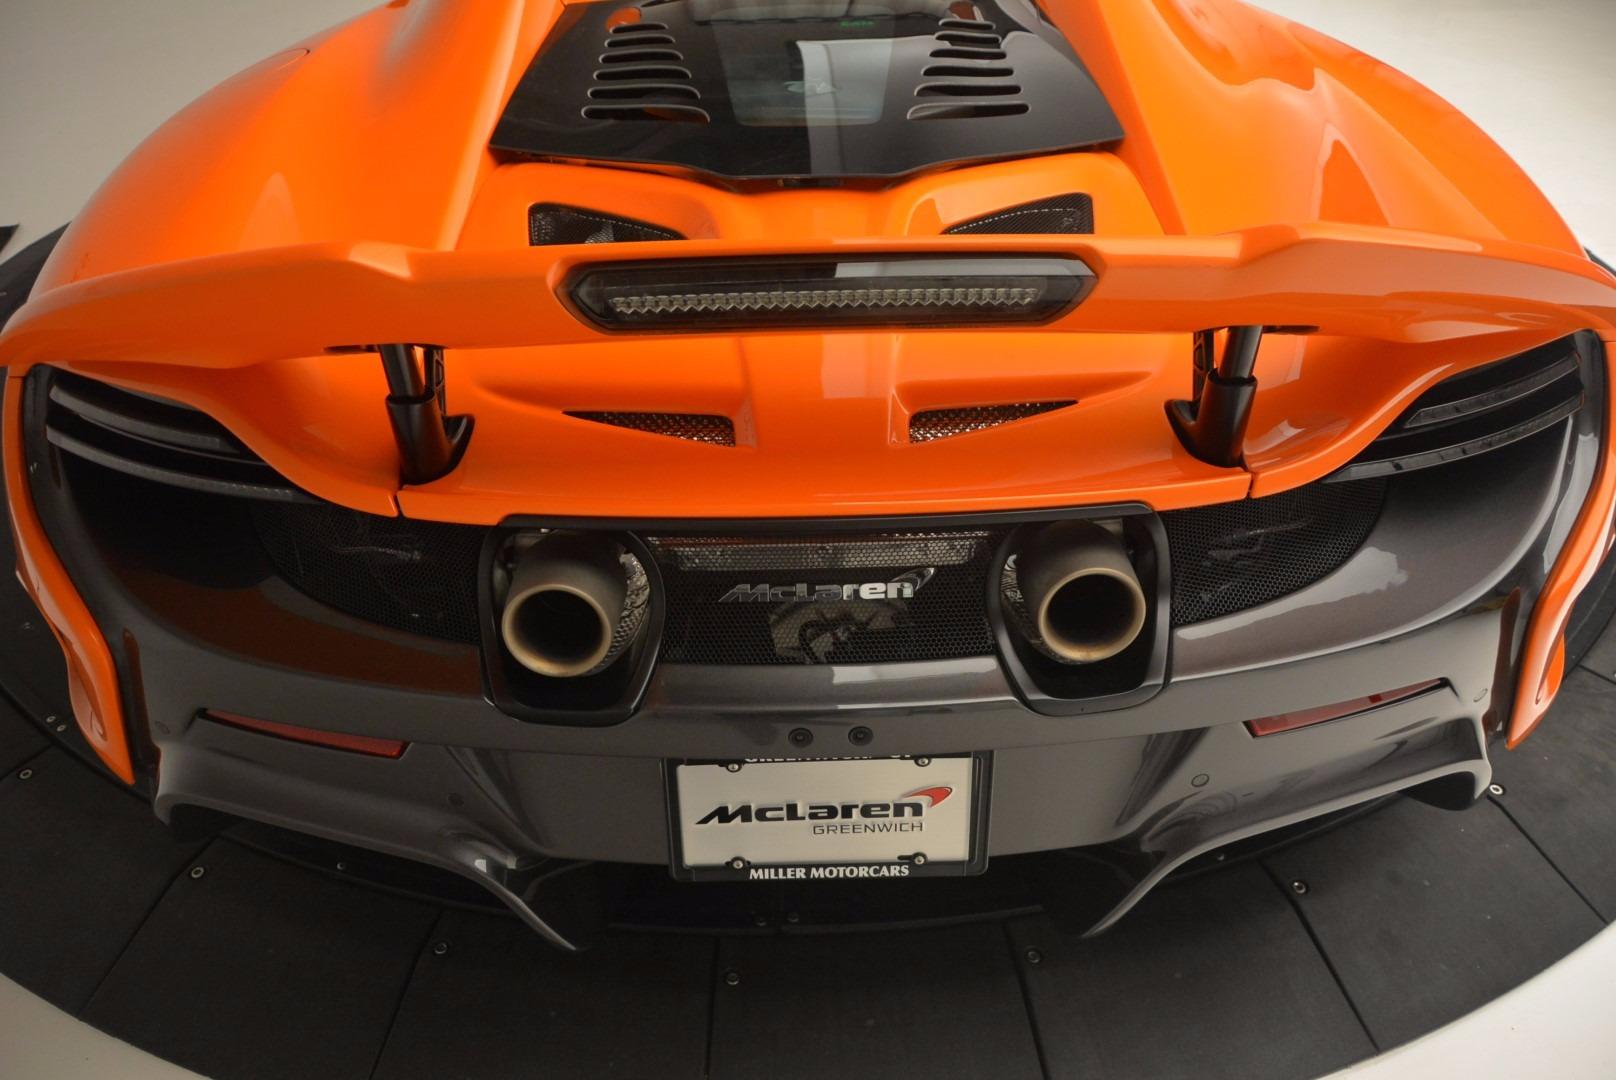 Used 2016 McLaren 675LT Spider Convertible For Sale In Westport, CT 1150_p31